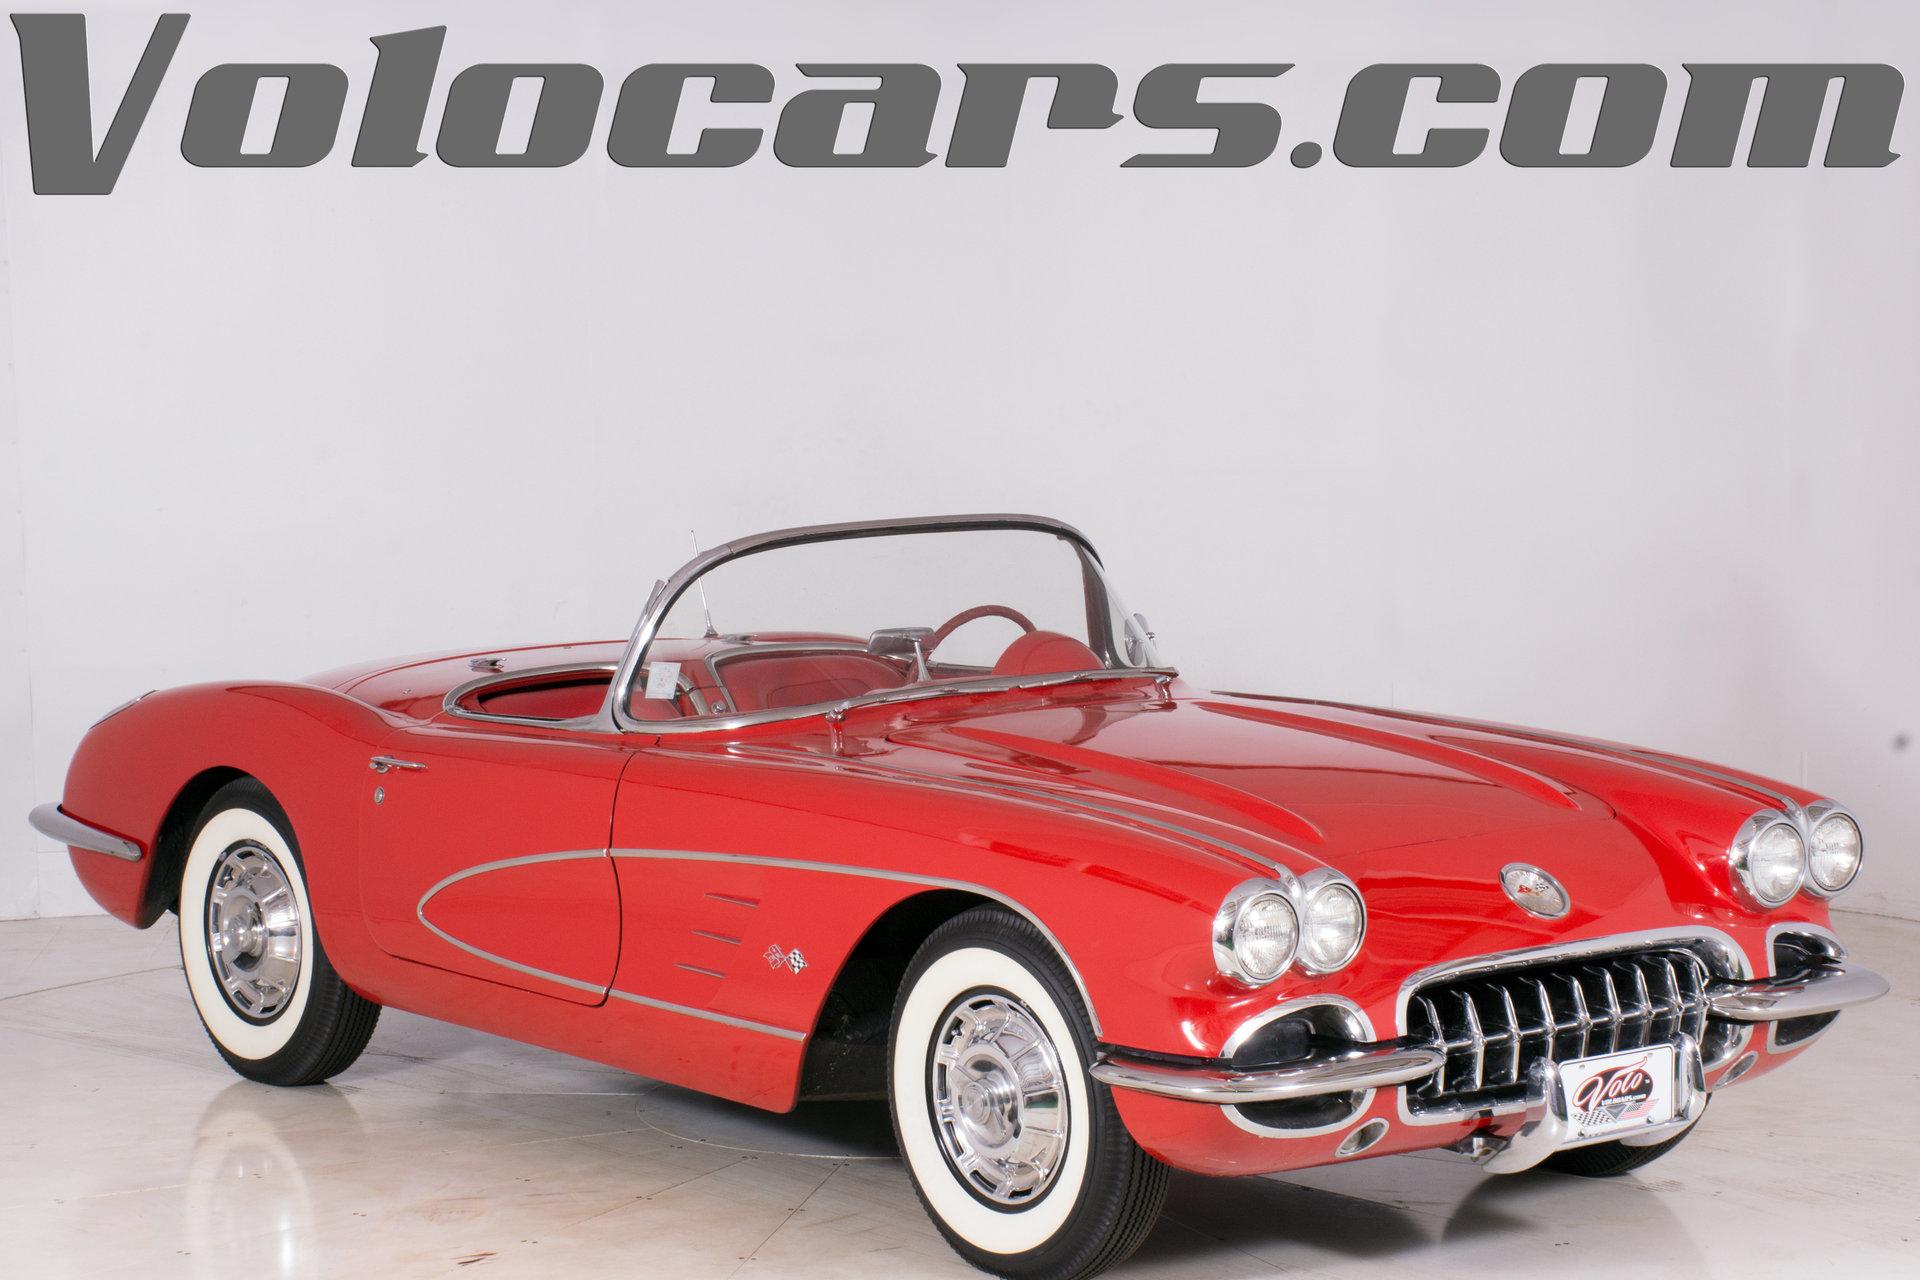 1959 chevrolet corvette volo auto museum rh volocars com 57 Corvette 61 Corvette